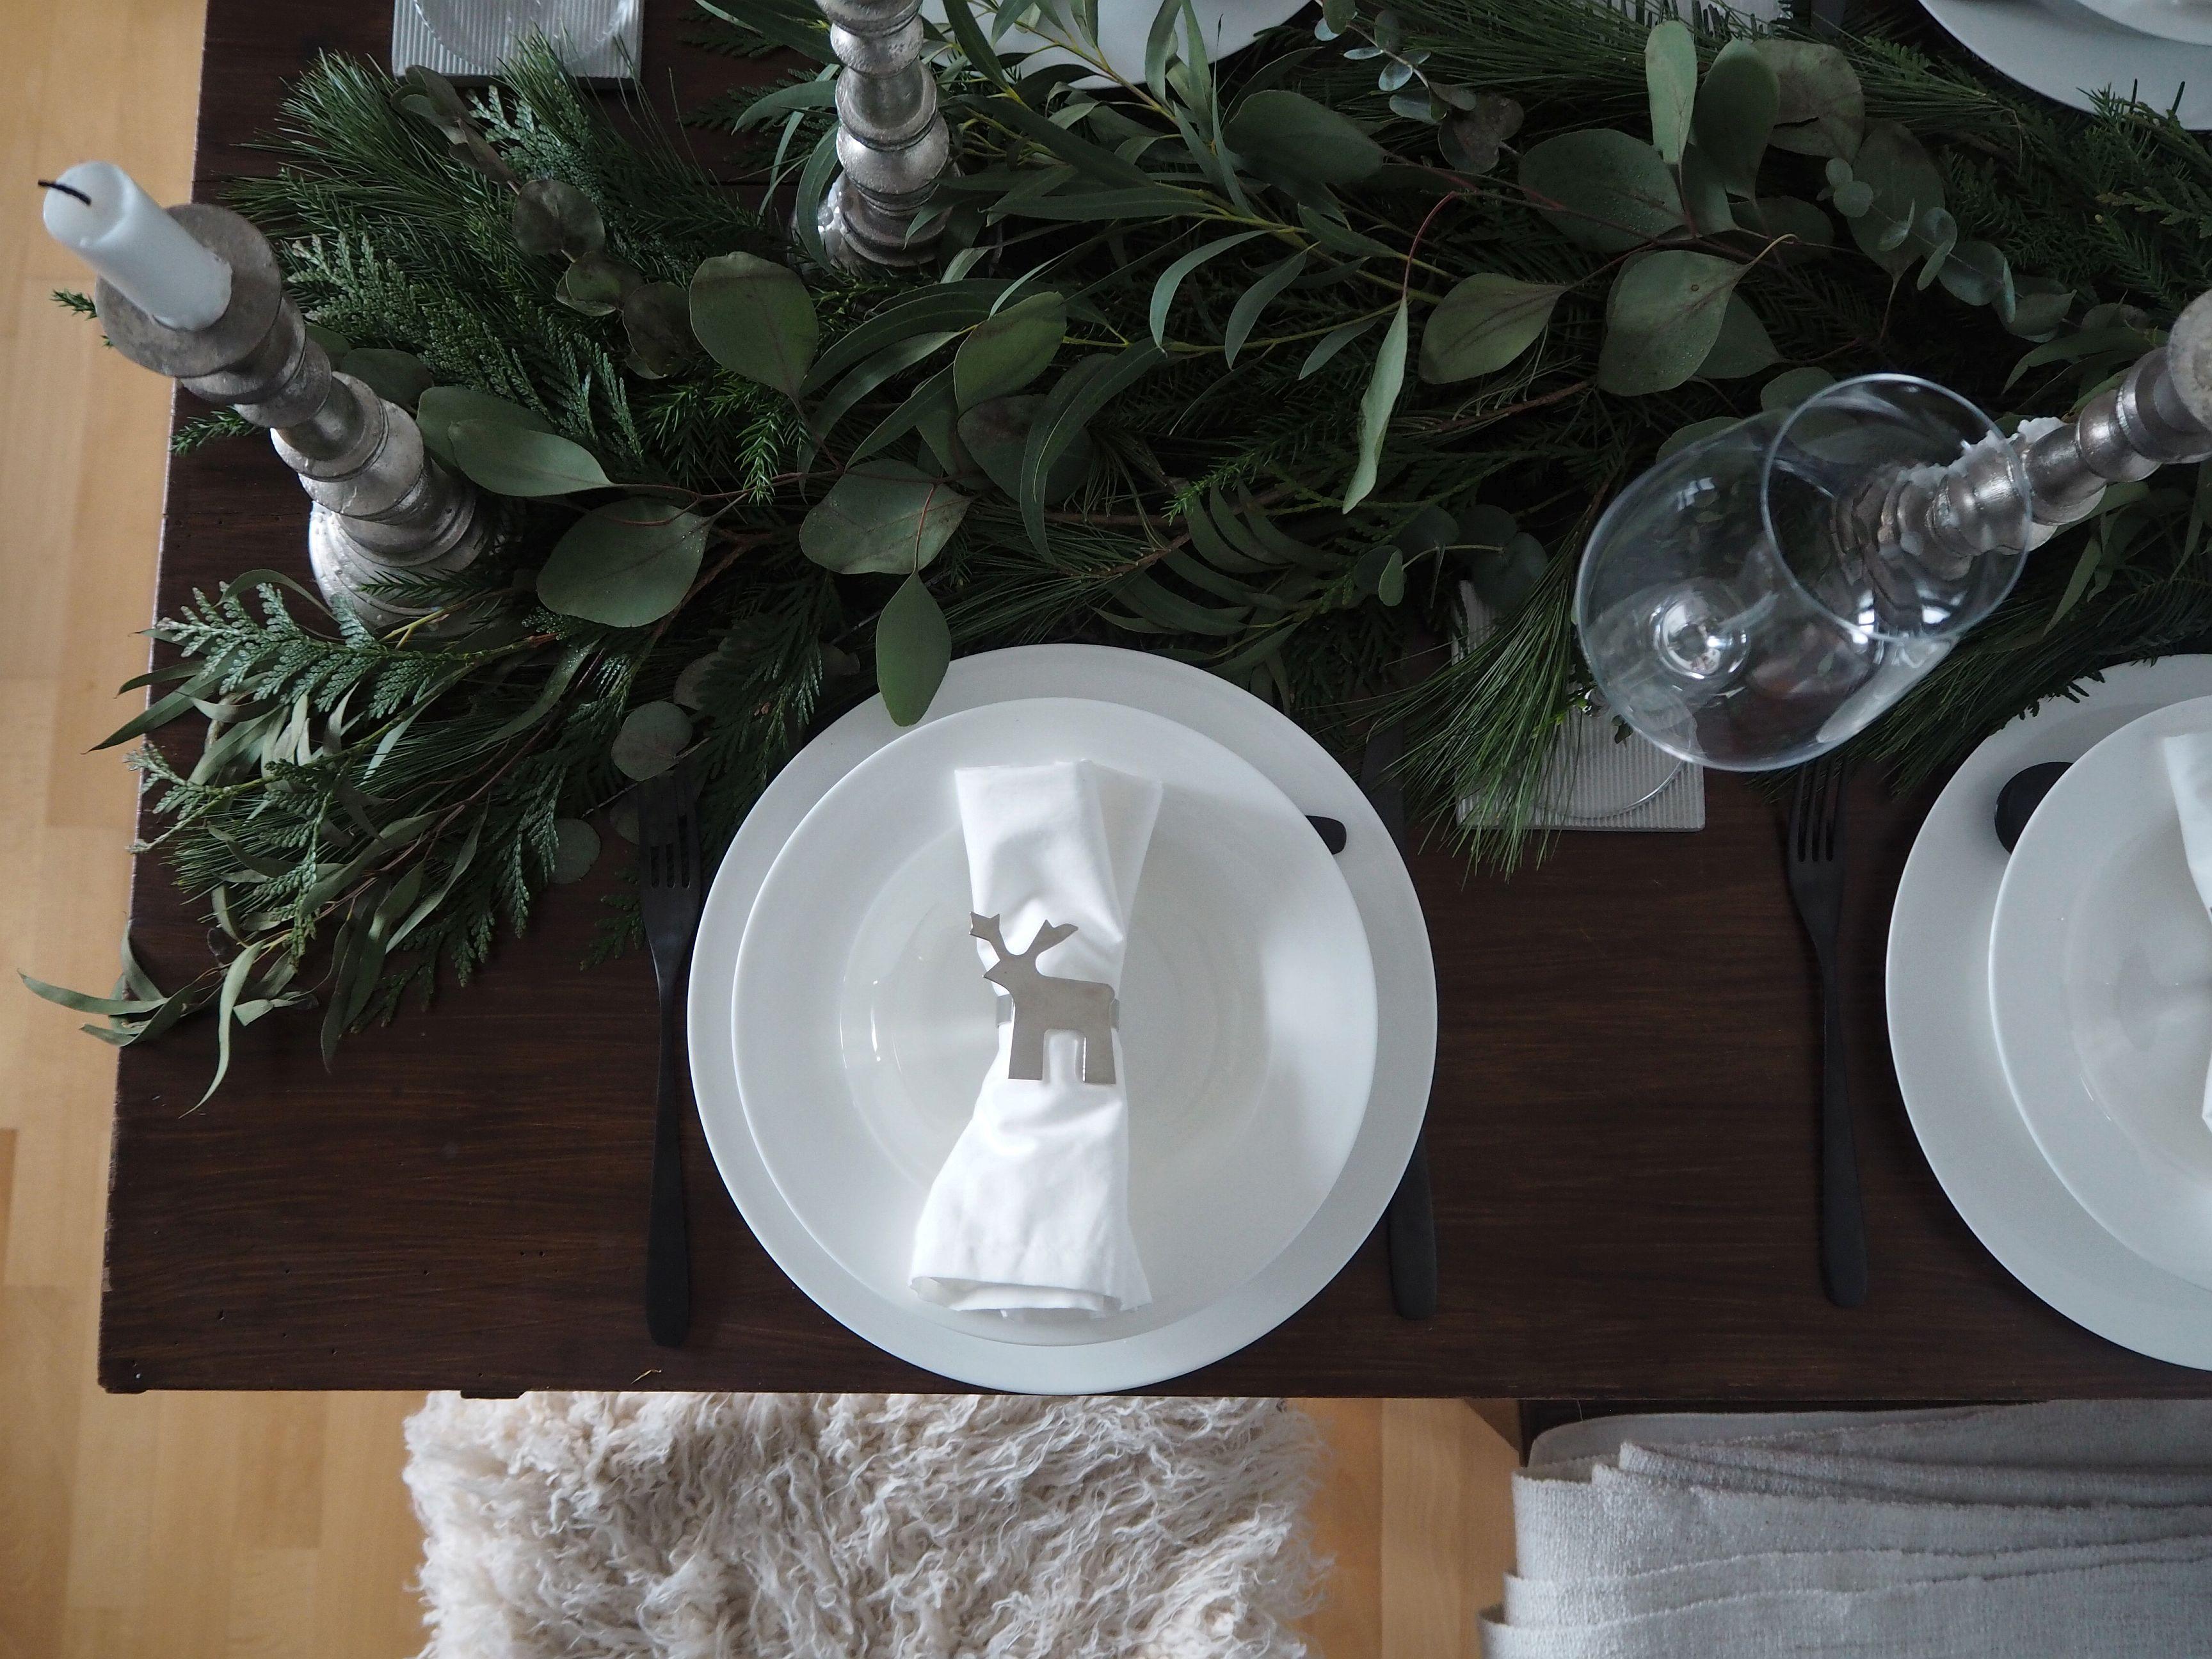 2017-12-skoen-och-kreativ-tischdeko-interior-schlichtes-skandinavisches-tablesetting-weihnachten (3 (16)